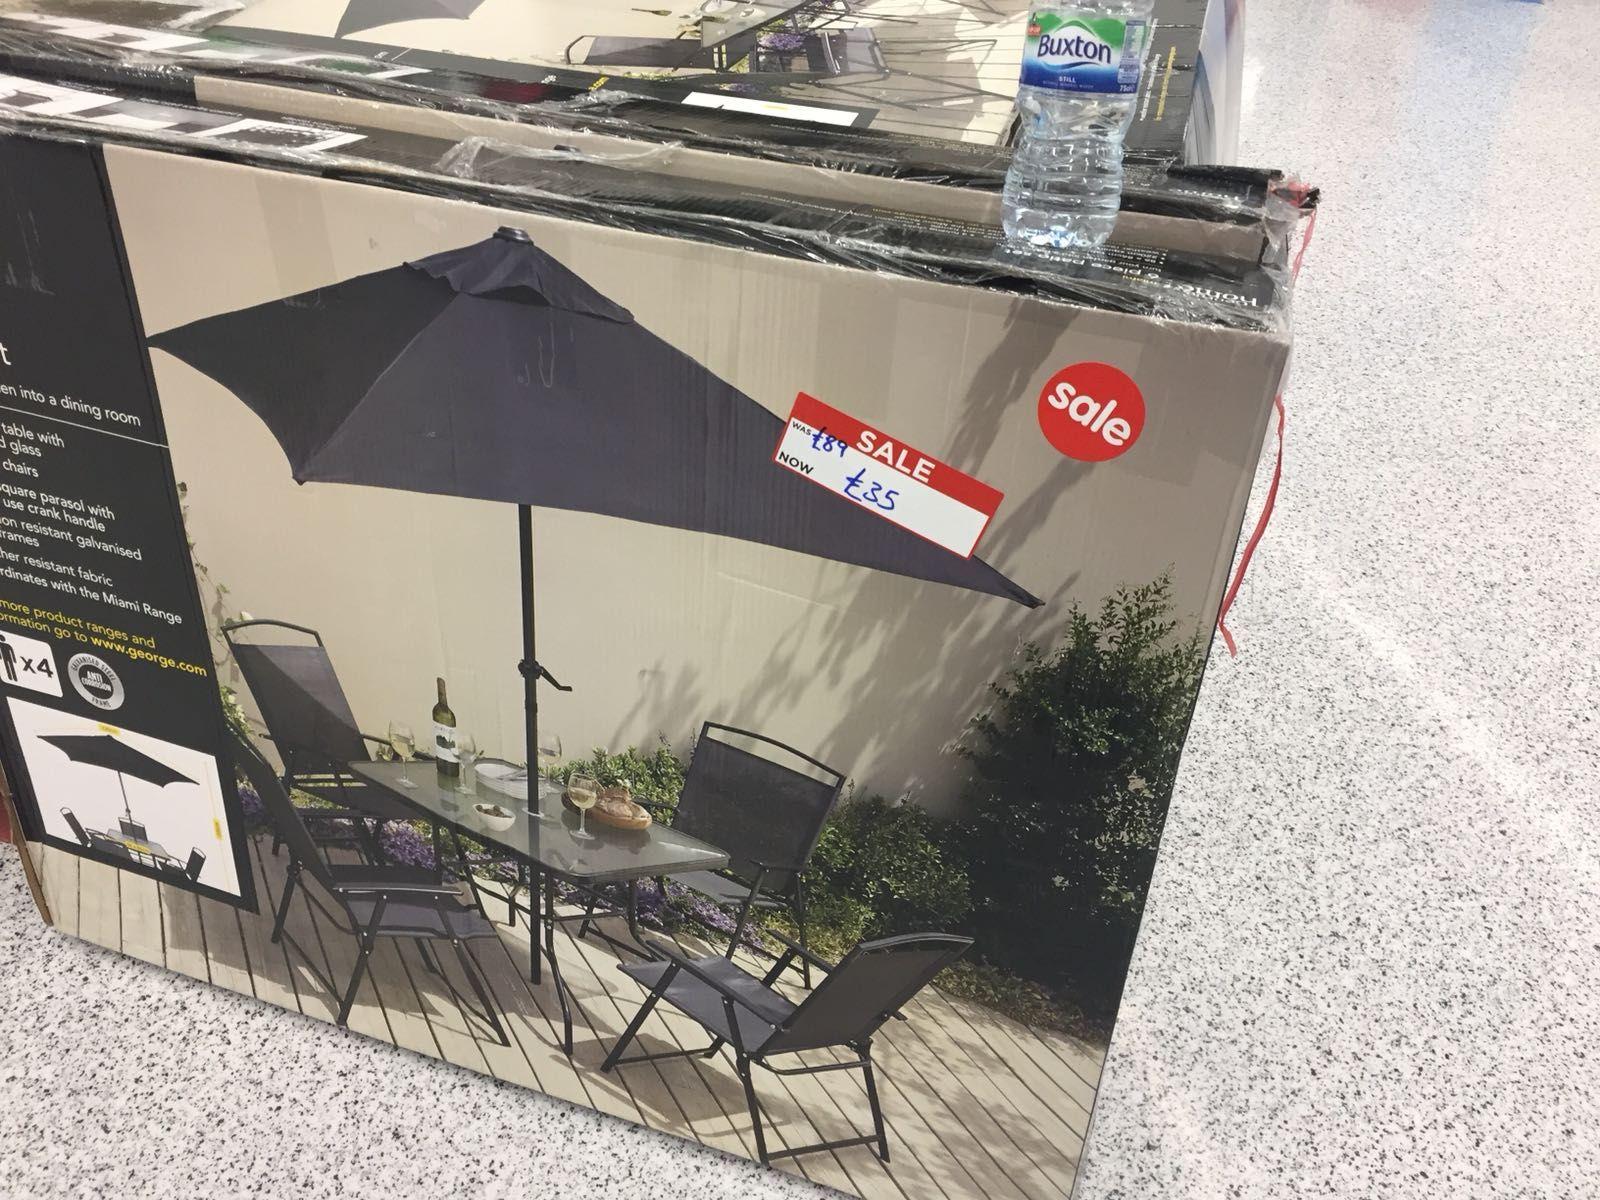 George Home/Asda Miami 6 piece patio set instore for £35